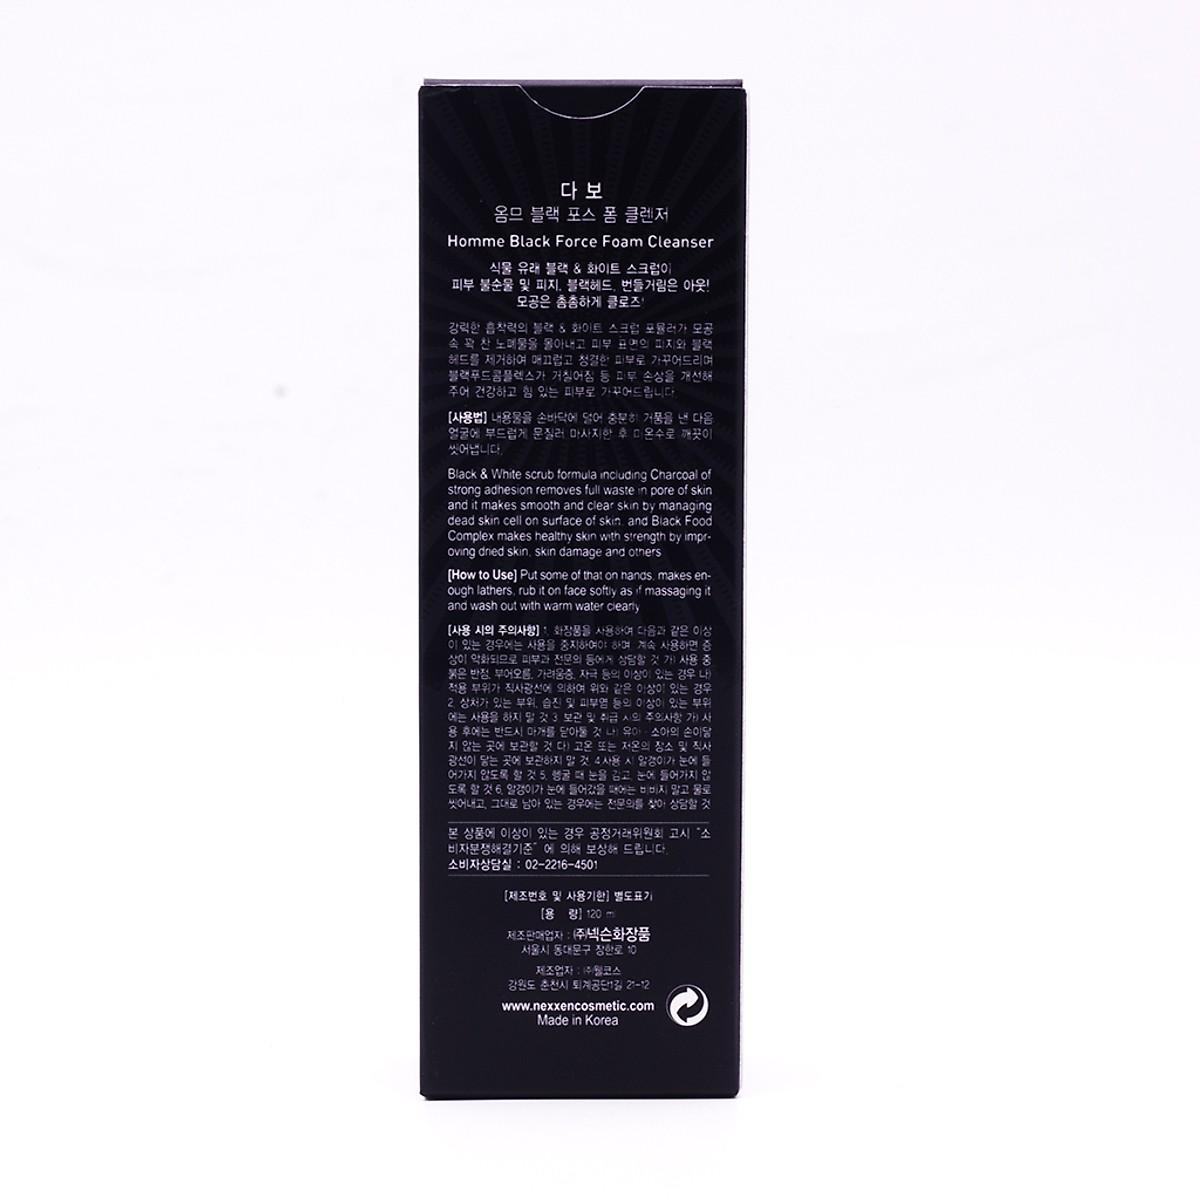 Sữa Rửa Mặt Nam Ngăn Ngừa Mụn Sạch Nhờn Trắng Da Hàn Quốc Cao Cấp Dabo Black Force (120ml) – Hàng Chính Hãng